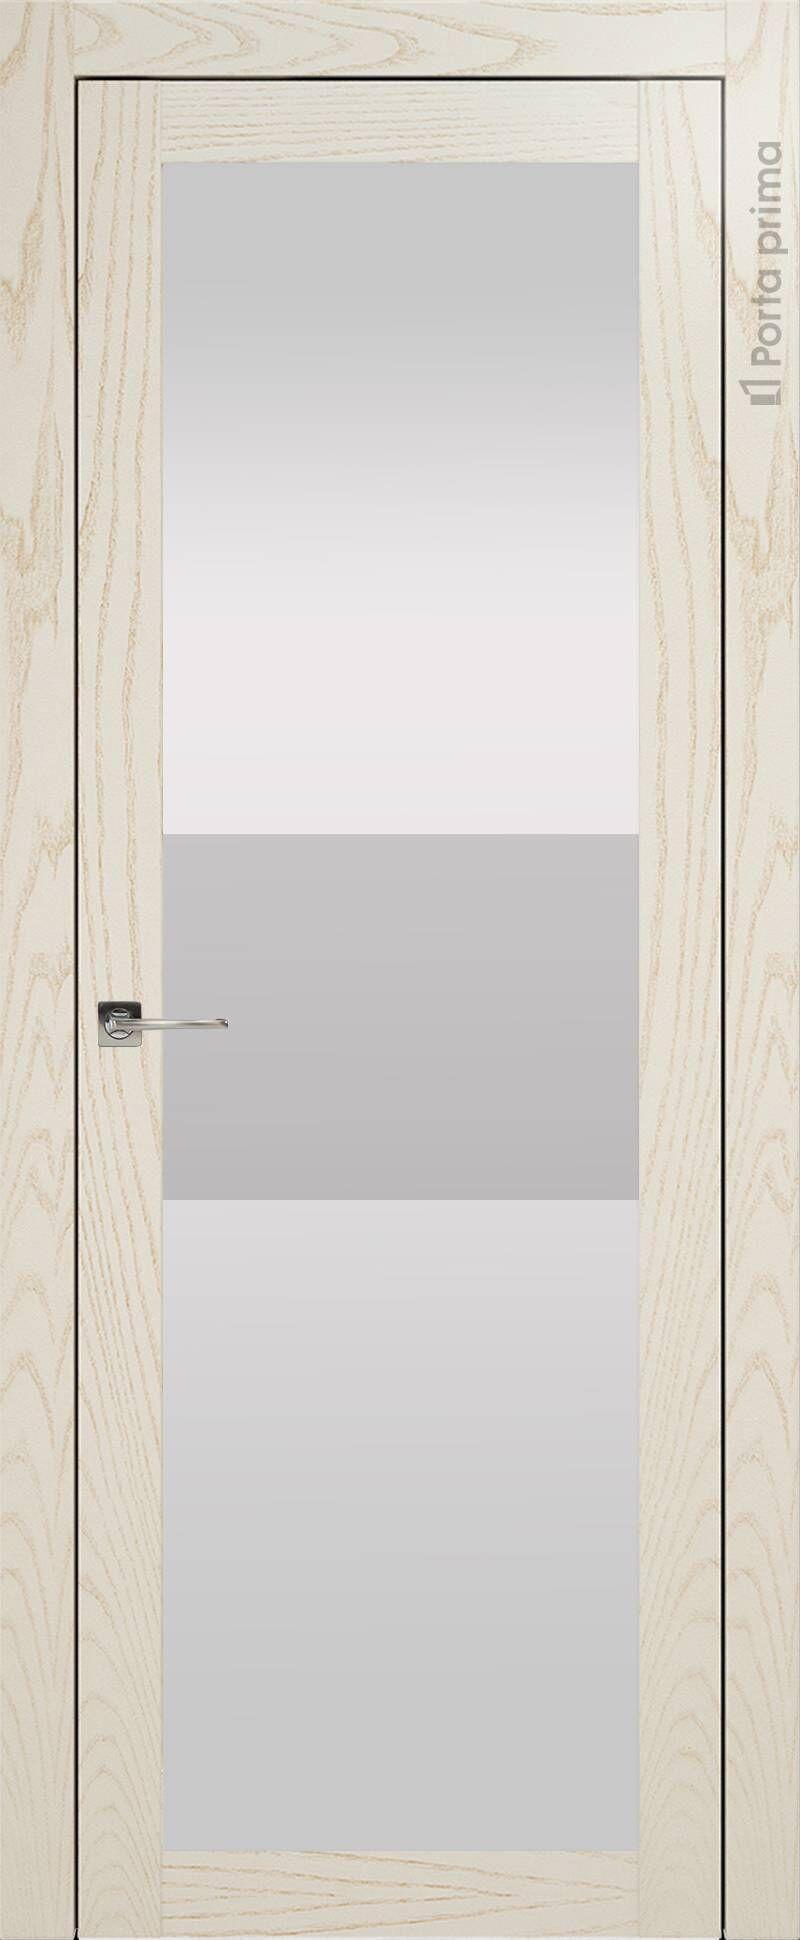 Tivoli З-4 цвет - Бежевый ясень Со стеклом (ДО)